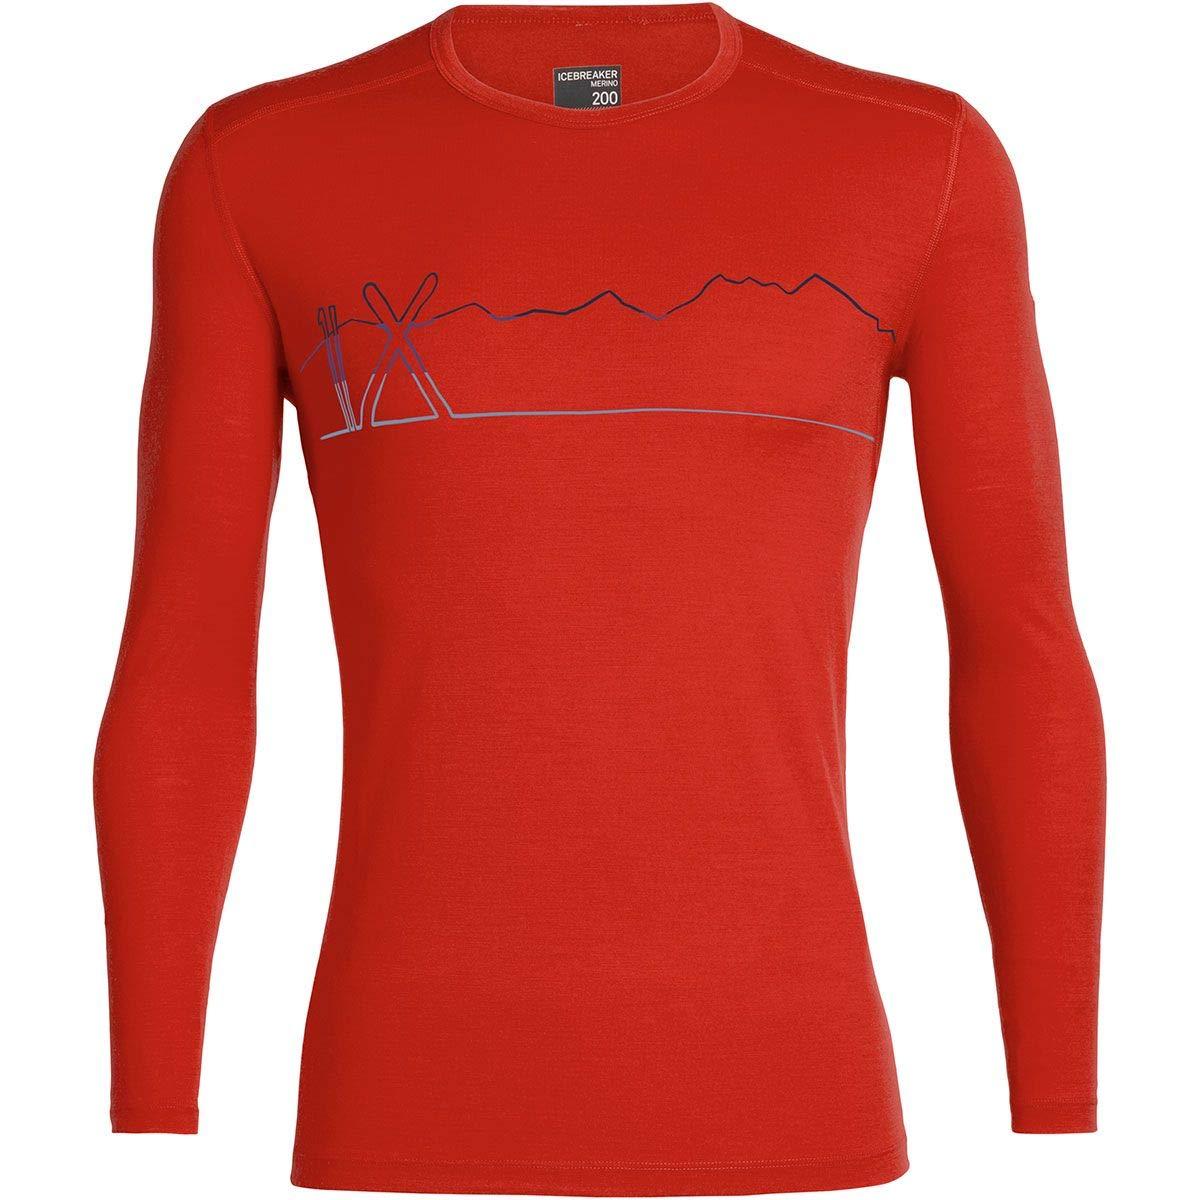 Icebreaker 200 Oasis Longsleeve Crewe Shirt - Snap Head - Men - Langarmshirt